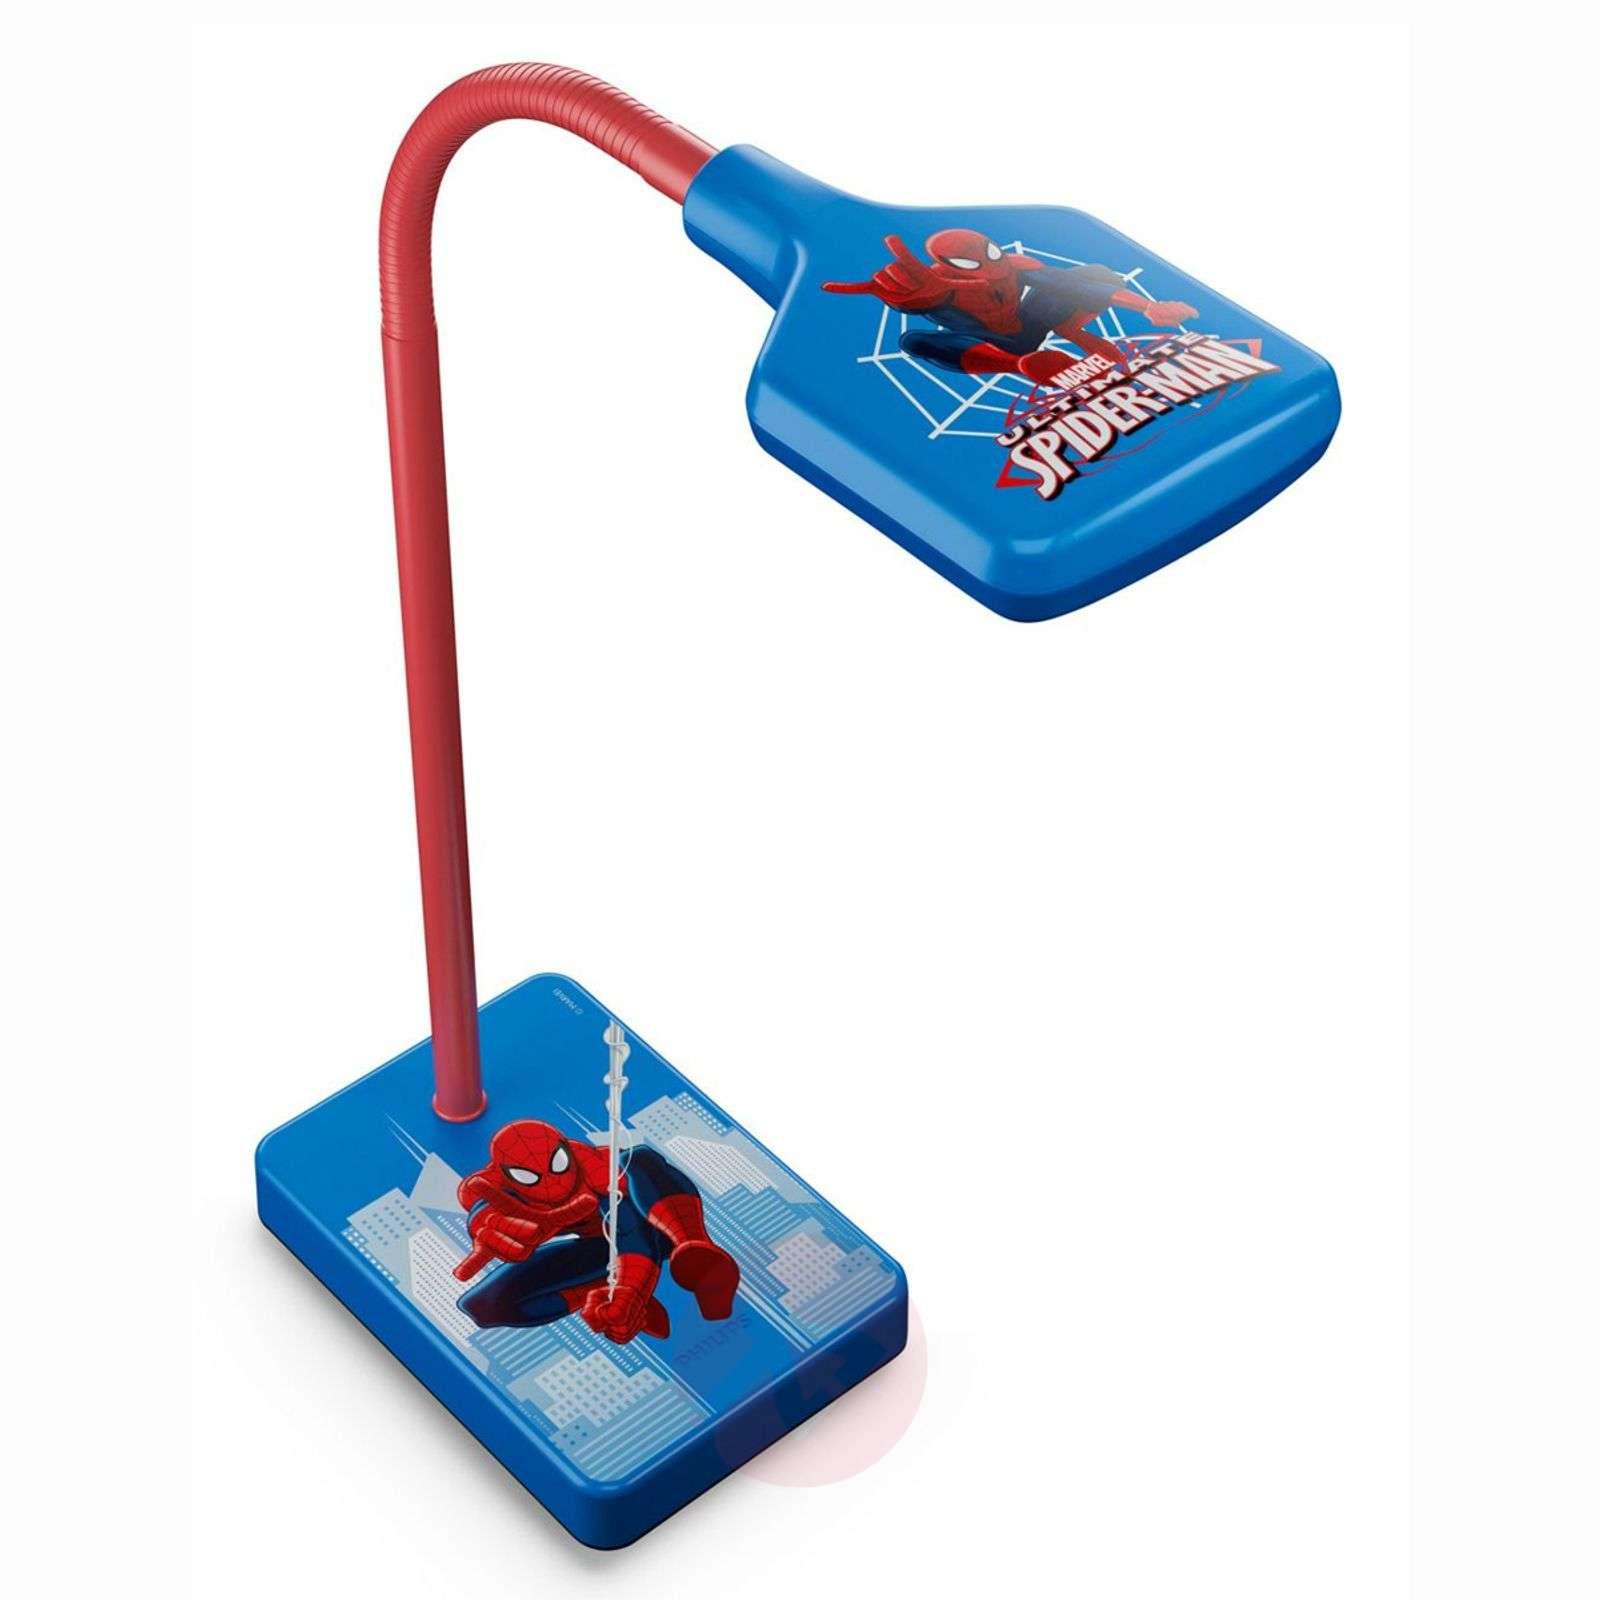 Spiderman LED desk lamp for children-7531751-010